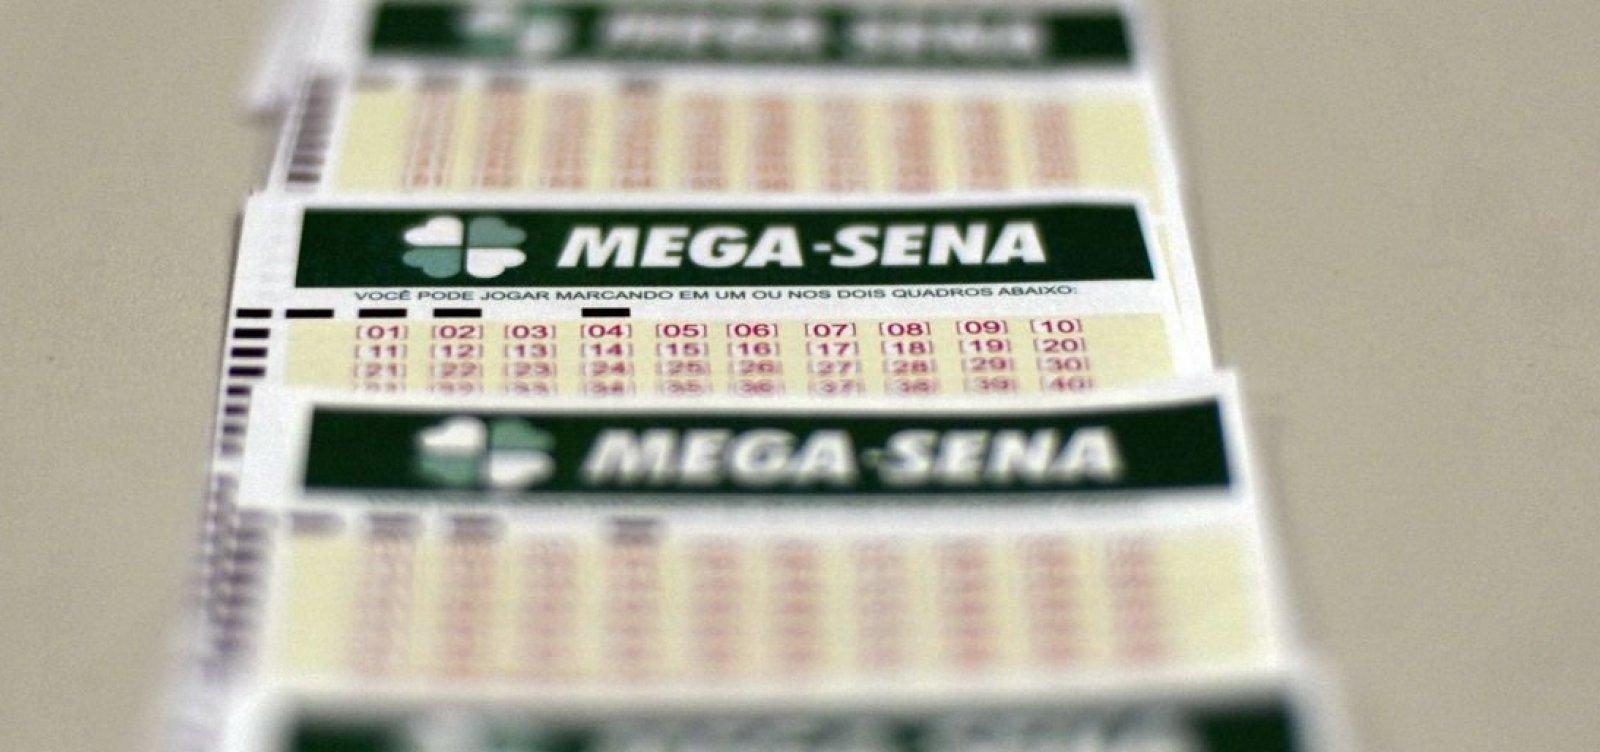 [Aposta única ganha R$ 61 milhões na Mega-Sena]